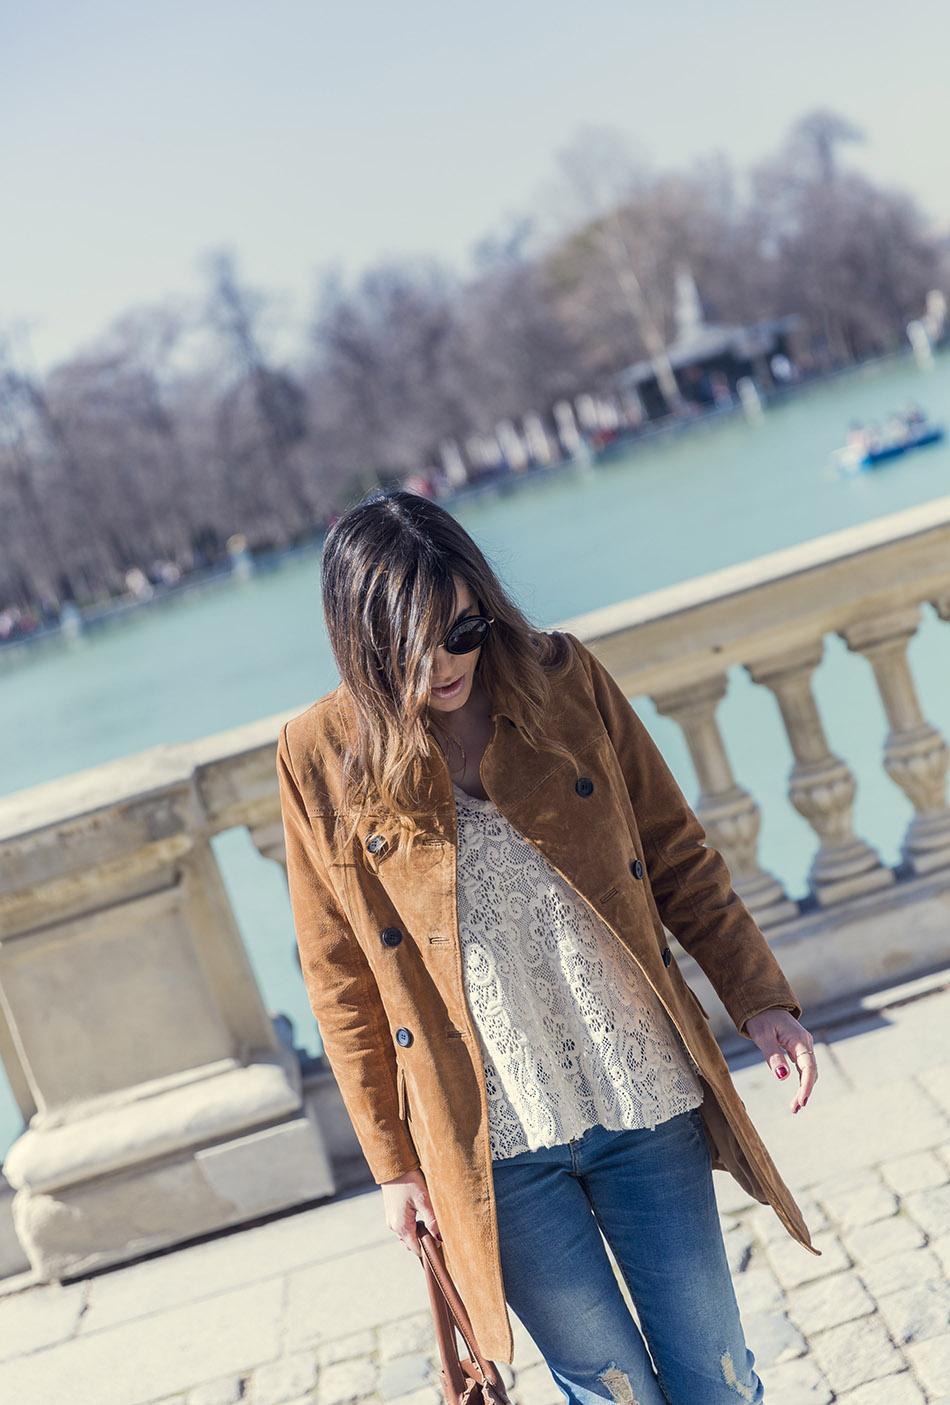 look de street style con chaqueta tipo levita de ante, top  de encaje, ripped jeans y botines de estampado leopardo. bárbara crespo